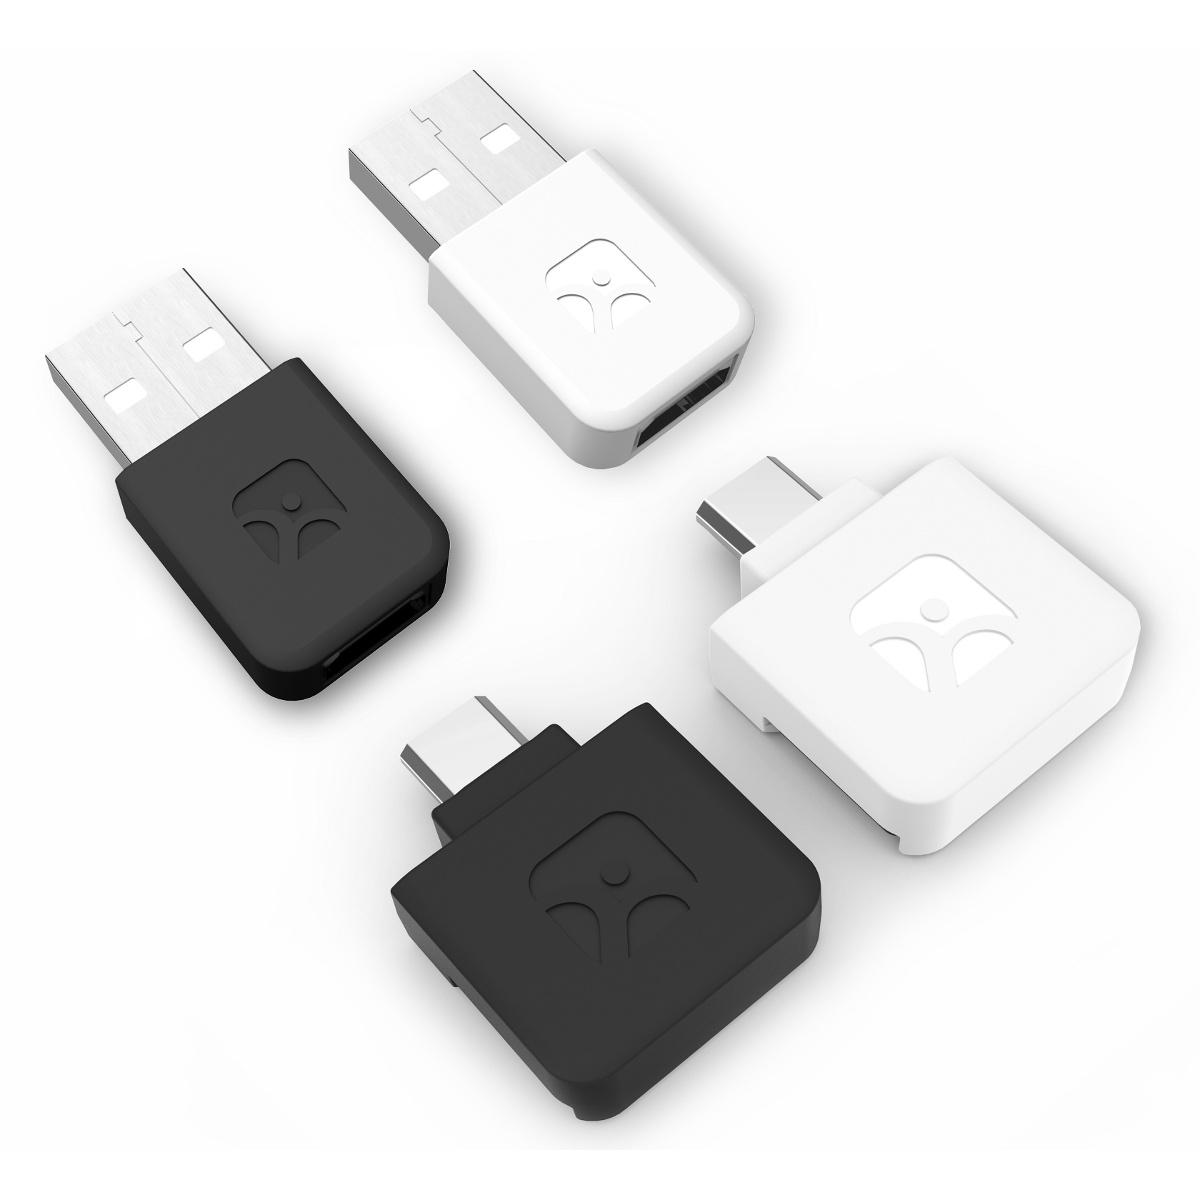 Dash Micro By Meenova The All New Mini Microsd Reader